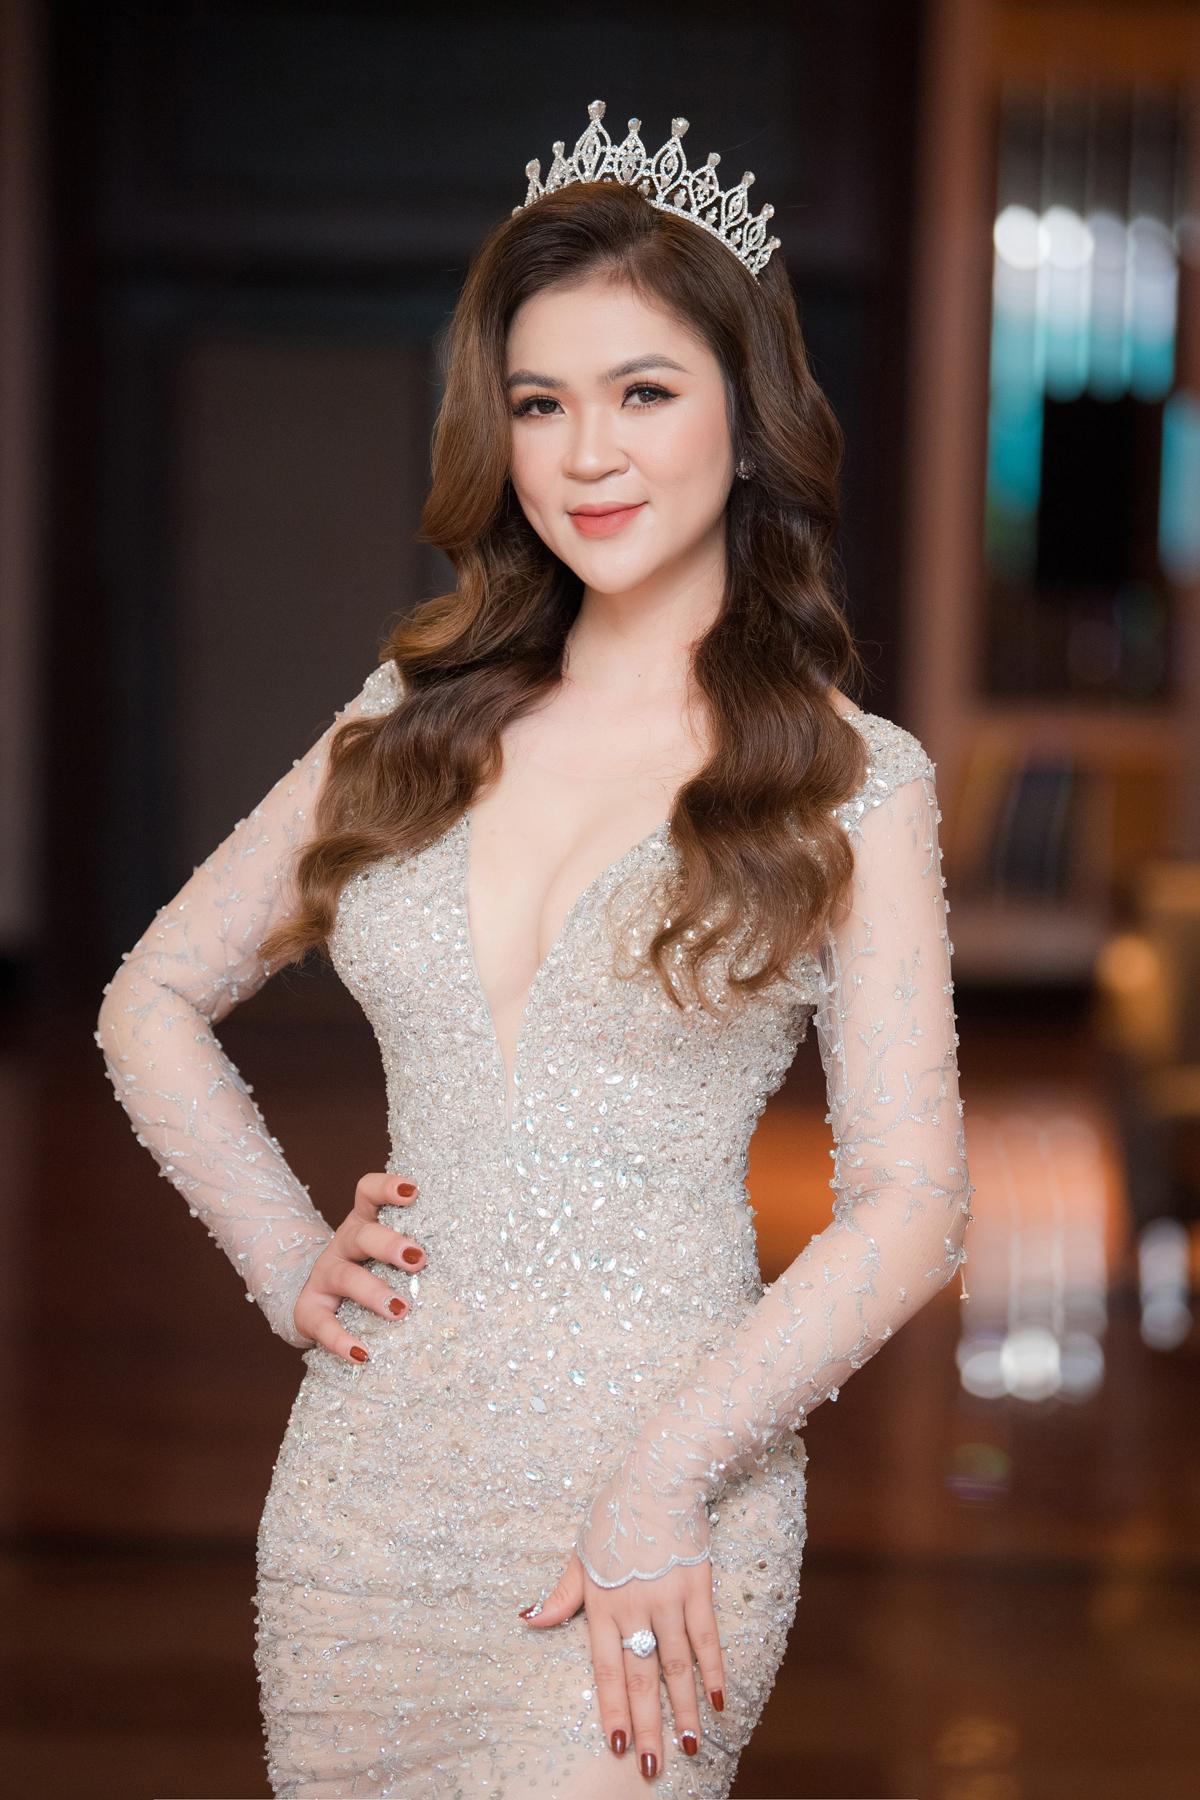 Nữ hoàng trang sức 2009 Diễm Hương.